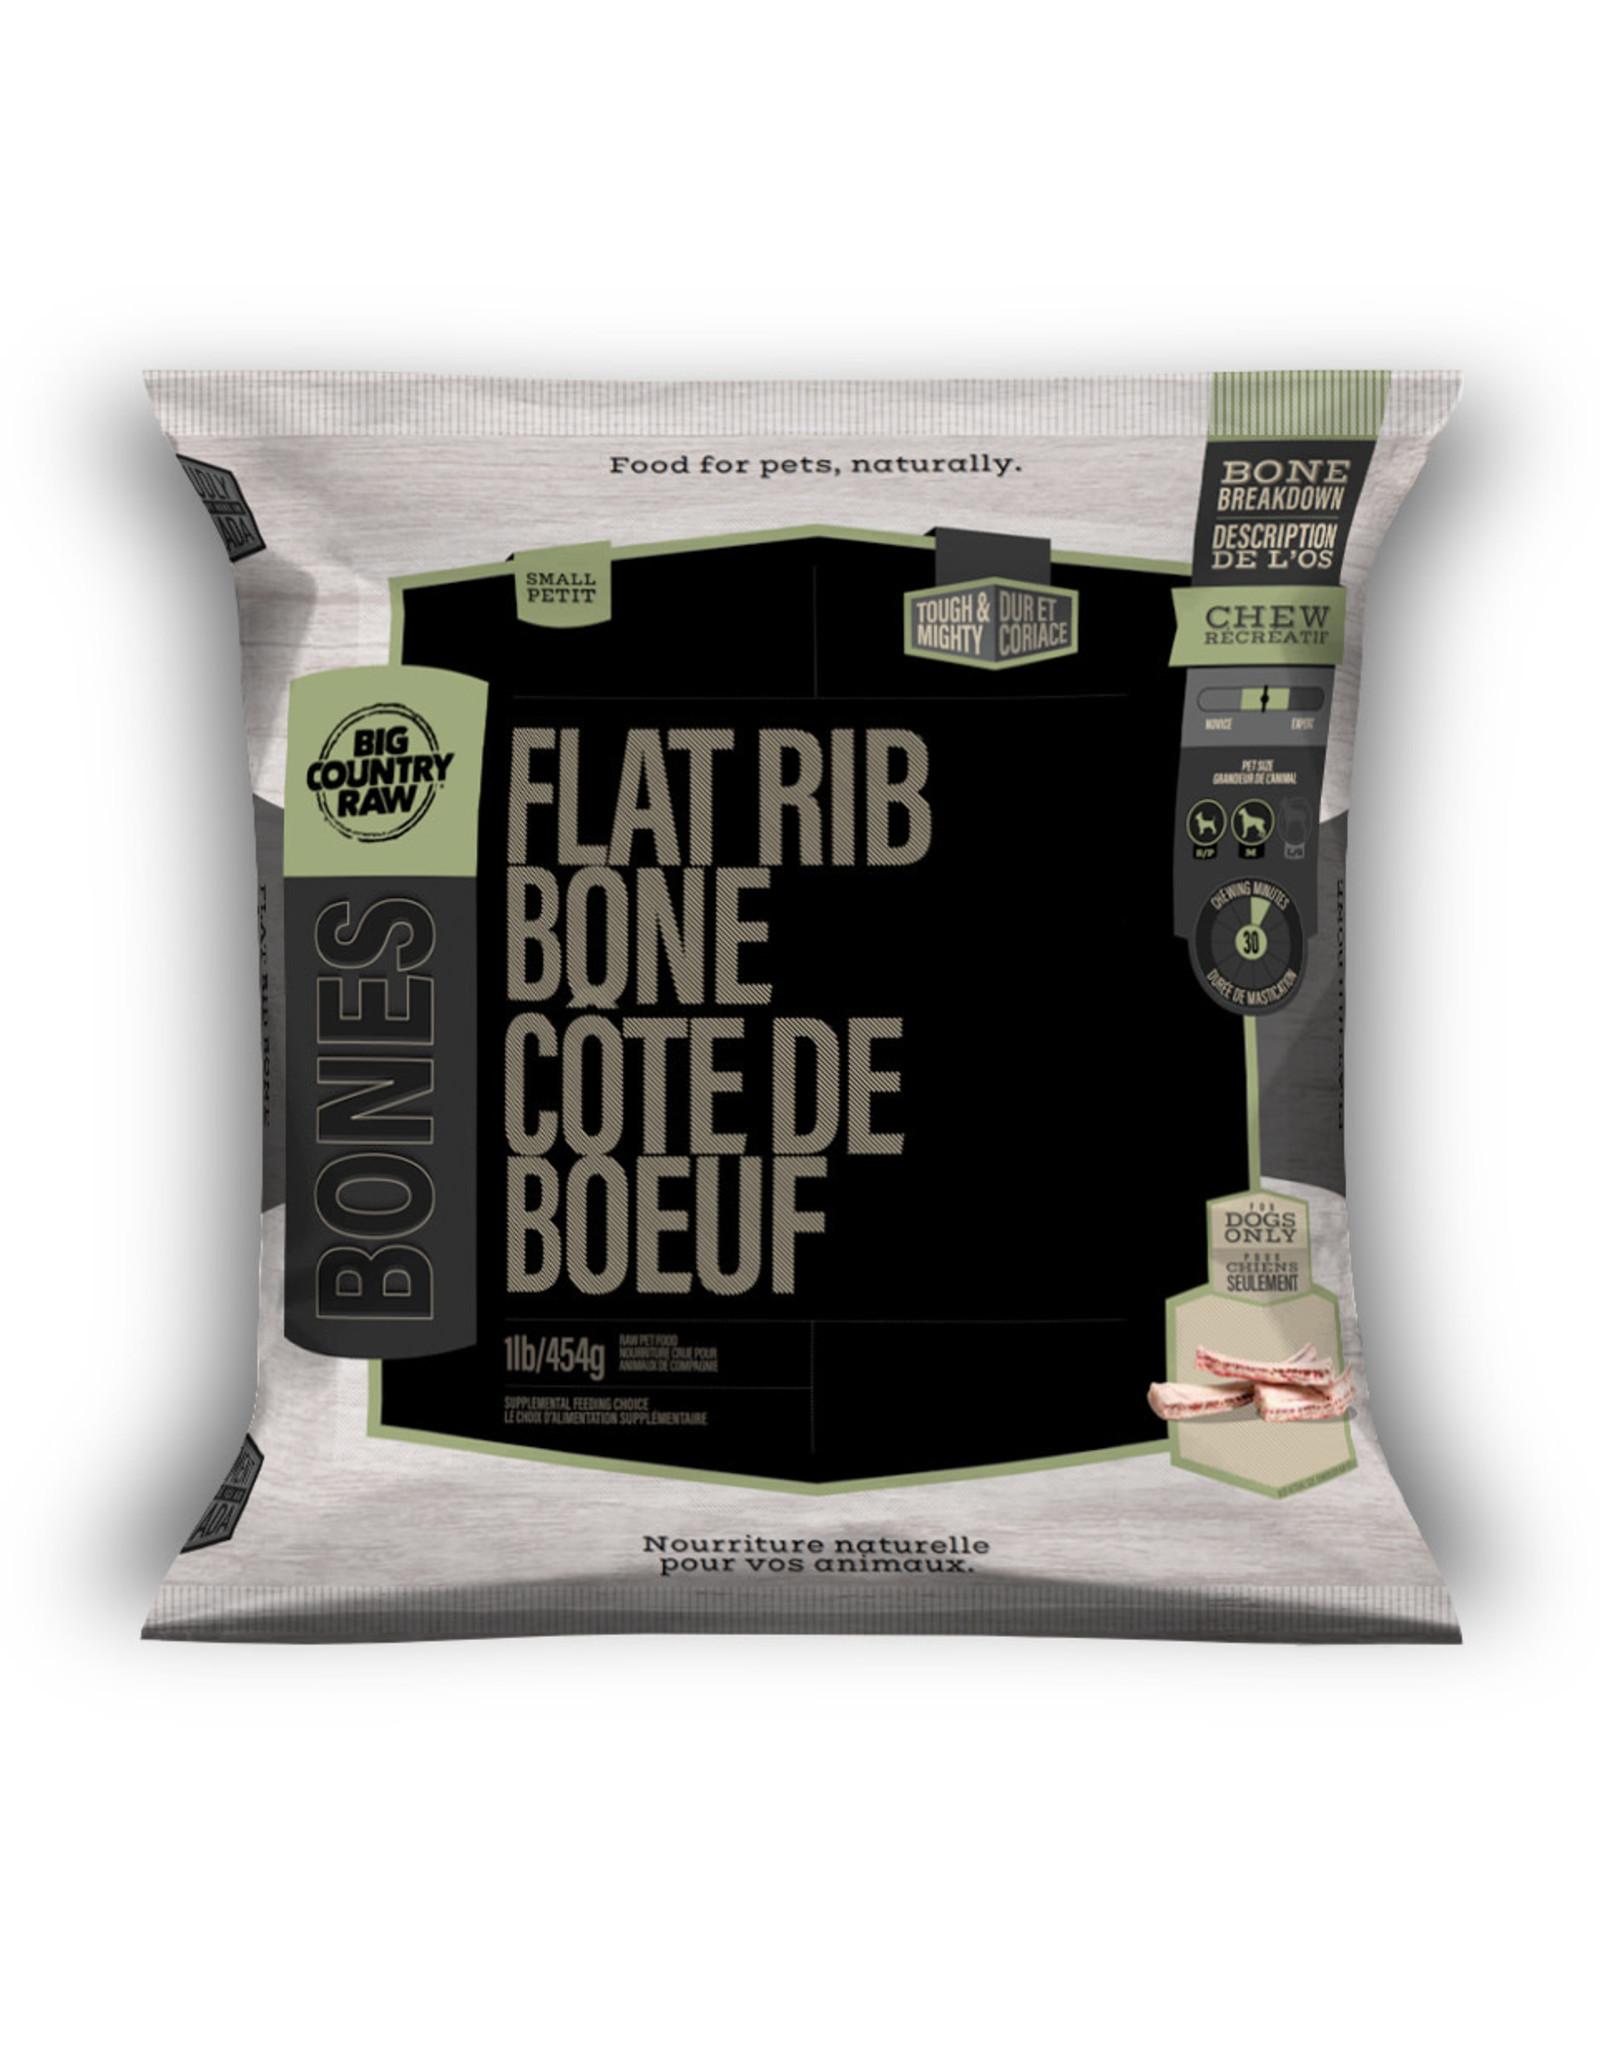 Big Country Raw Flat Rib Bone Small -1lb bag